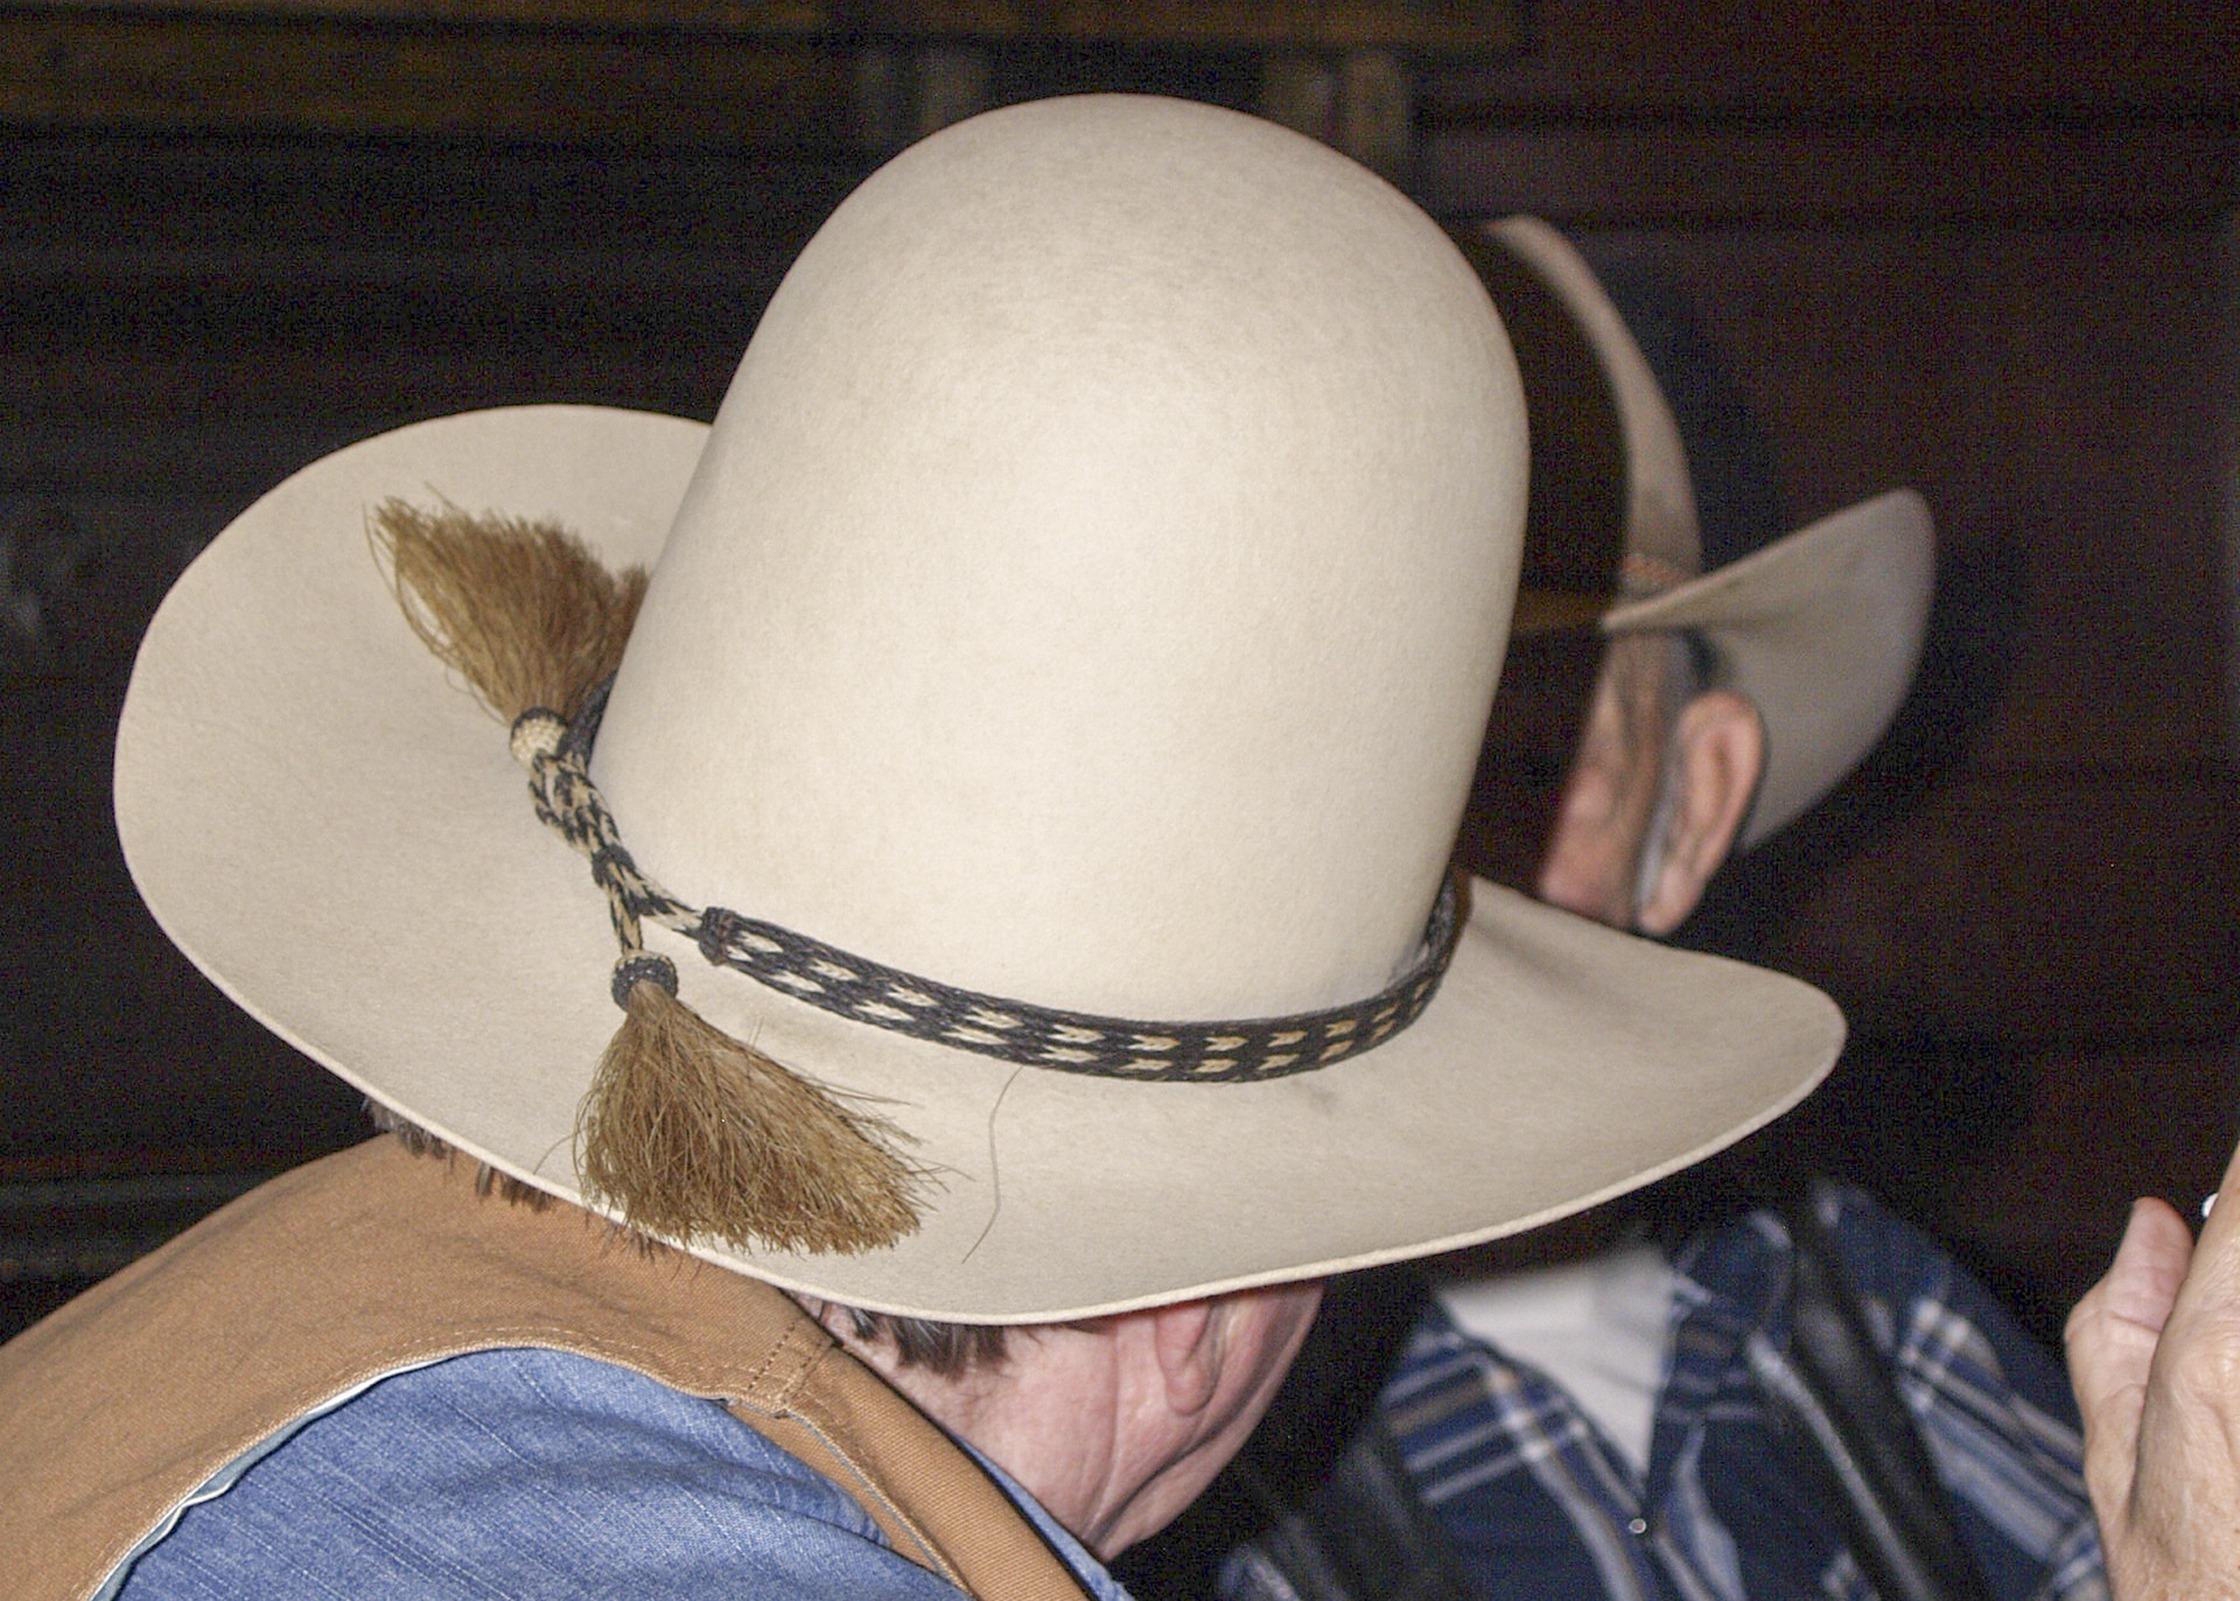 hombre persona humano sombrero ropa Casco cabeza vaquero Sombrero disfraz  Fedora sombrero de vaquero Accesorio de e4dc9cc5ce0